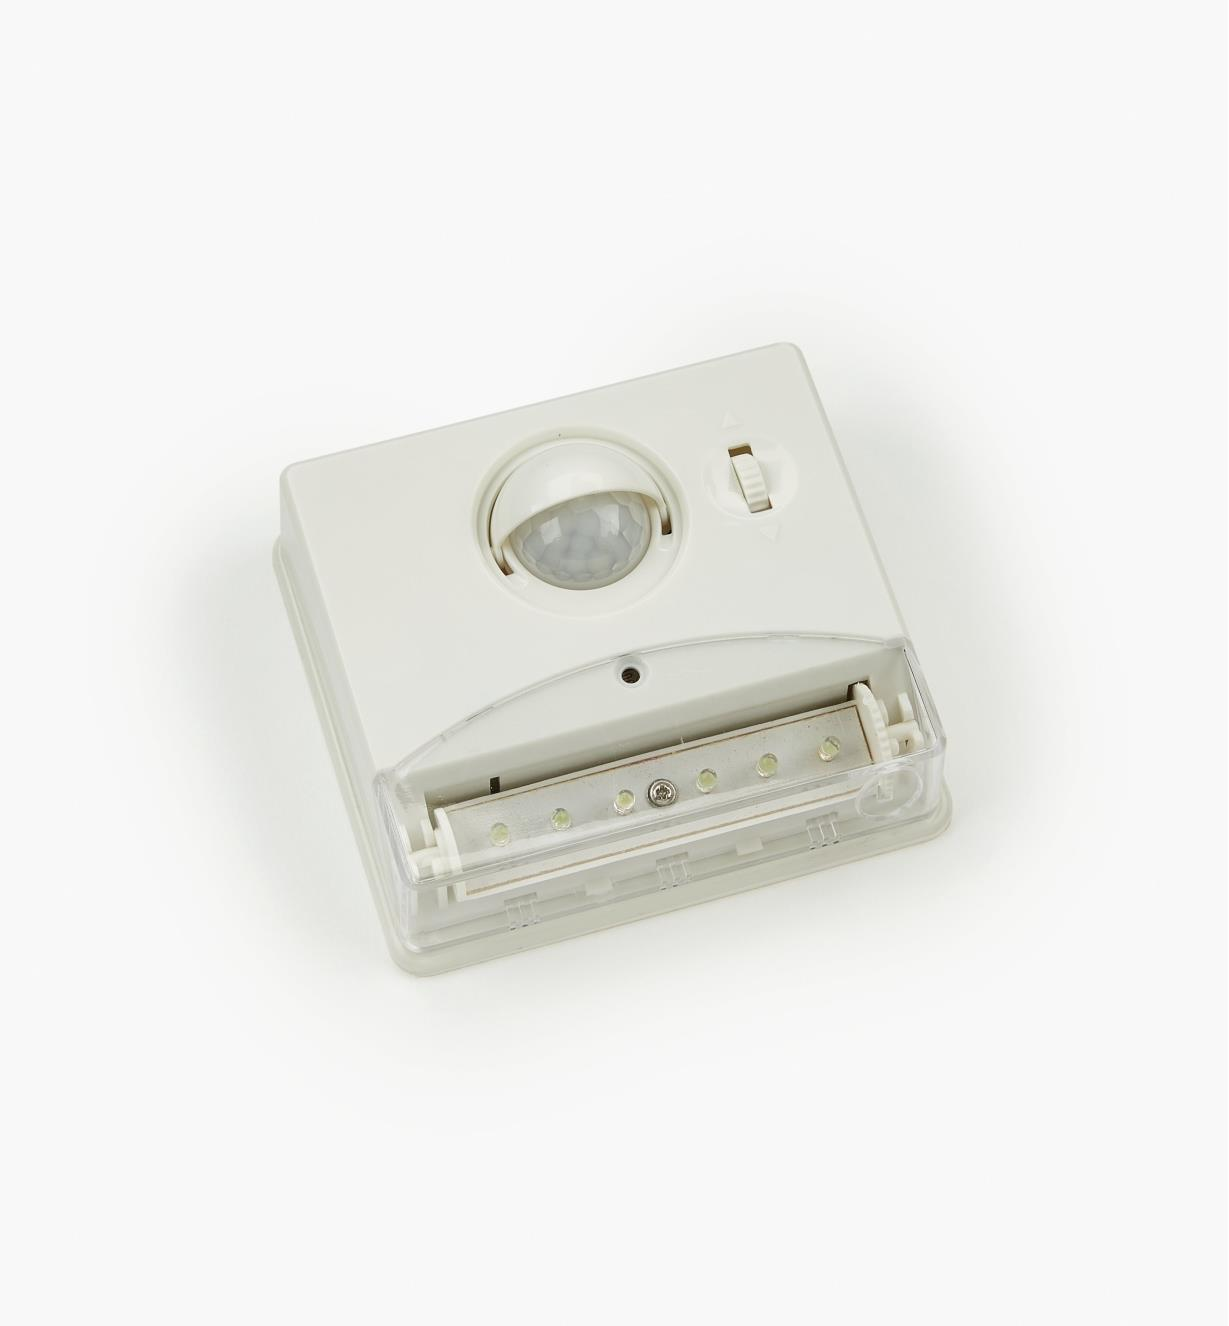 09A0602 - Controlled Beam PIR Light